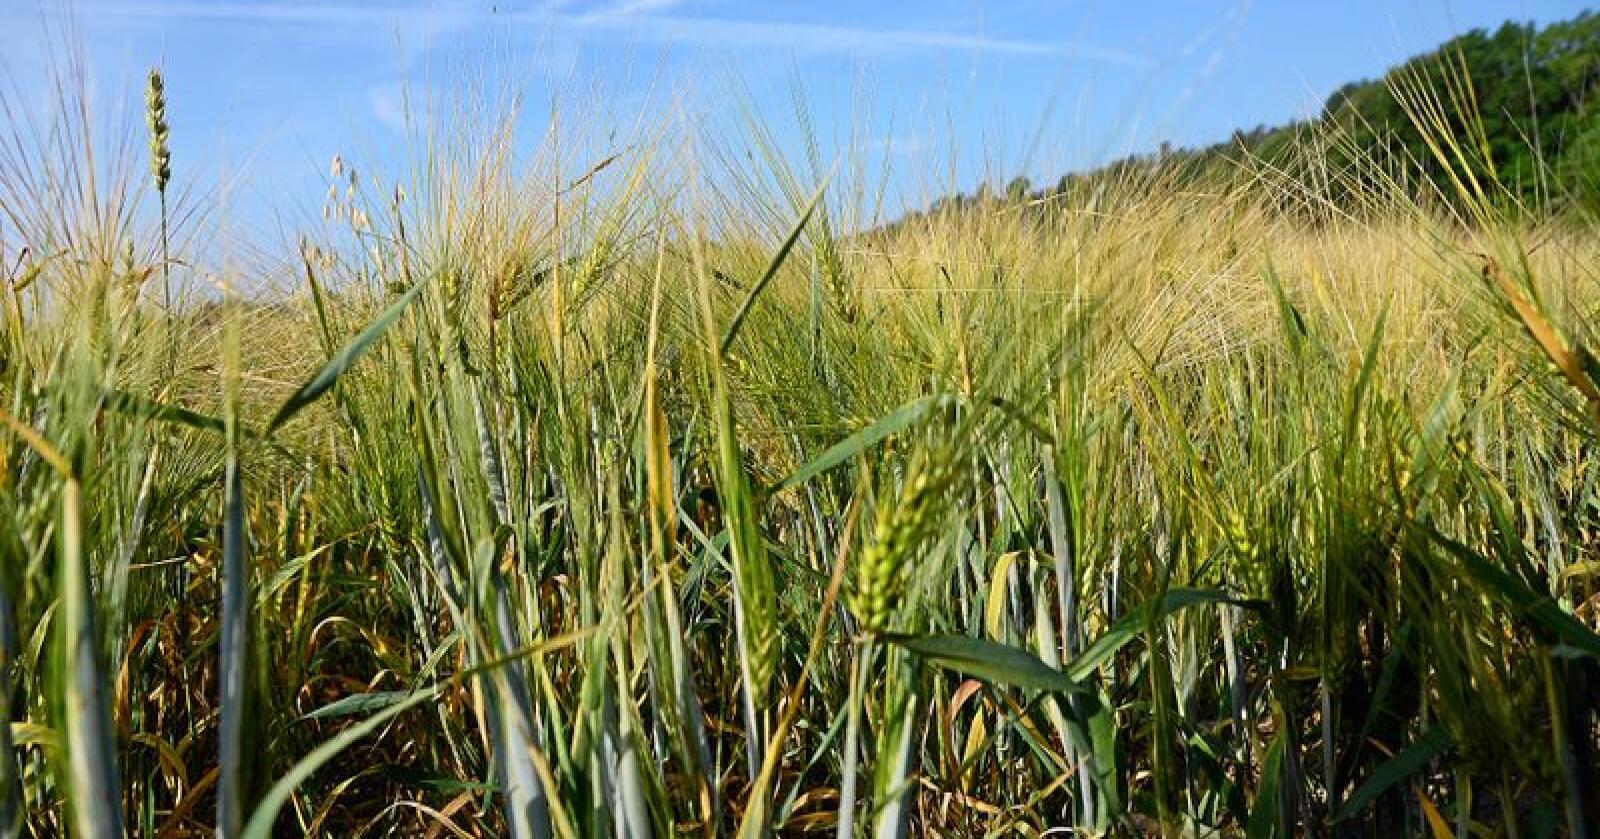 Årets tørke har ført til krise for mange bønder. Foto: Siri Juell Rasmussen